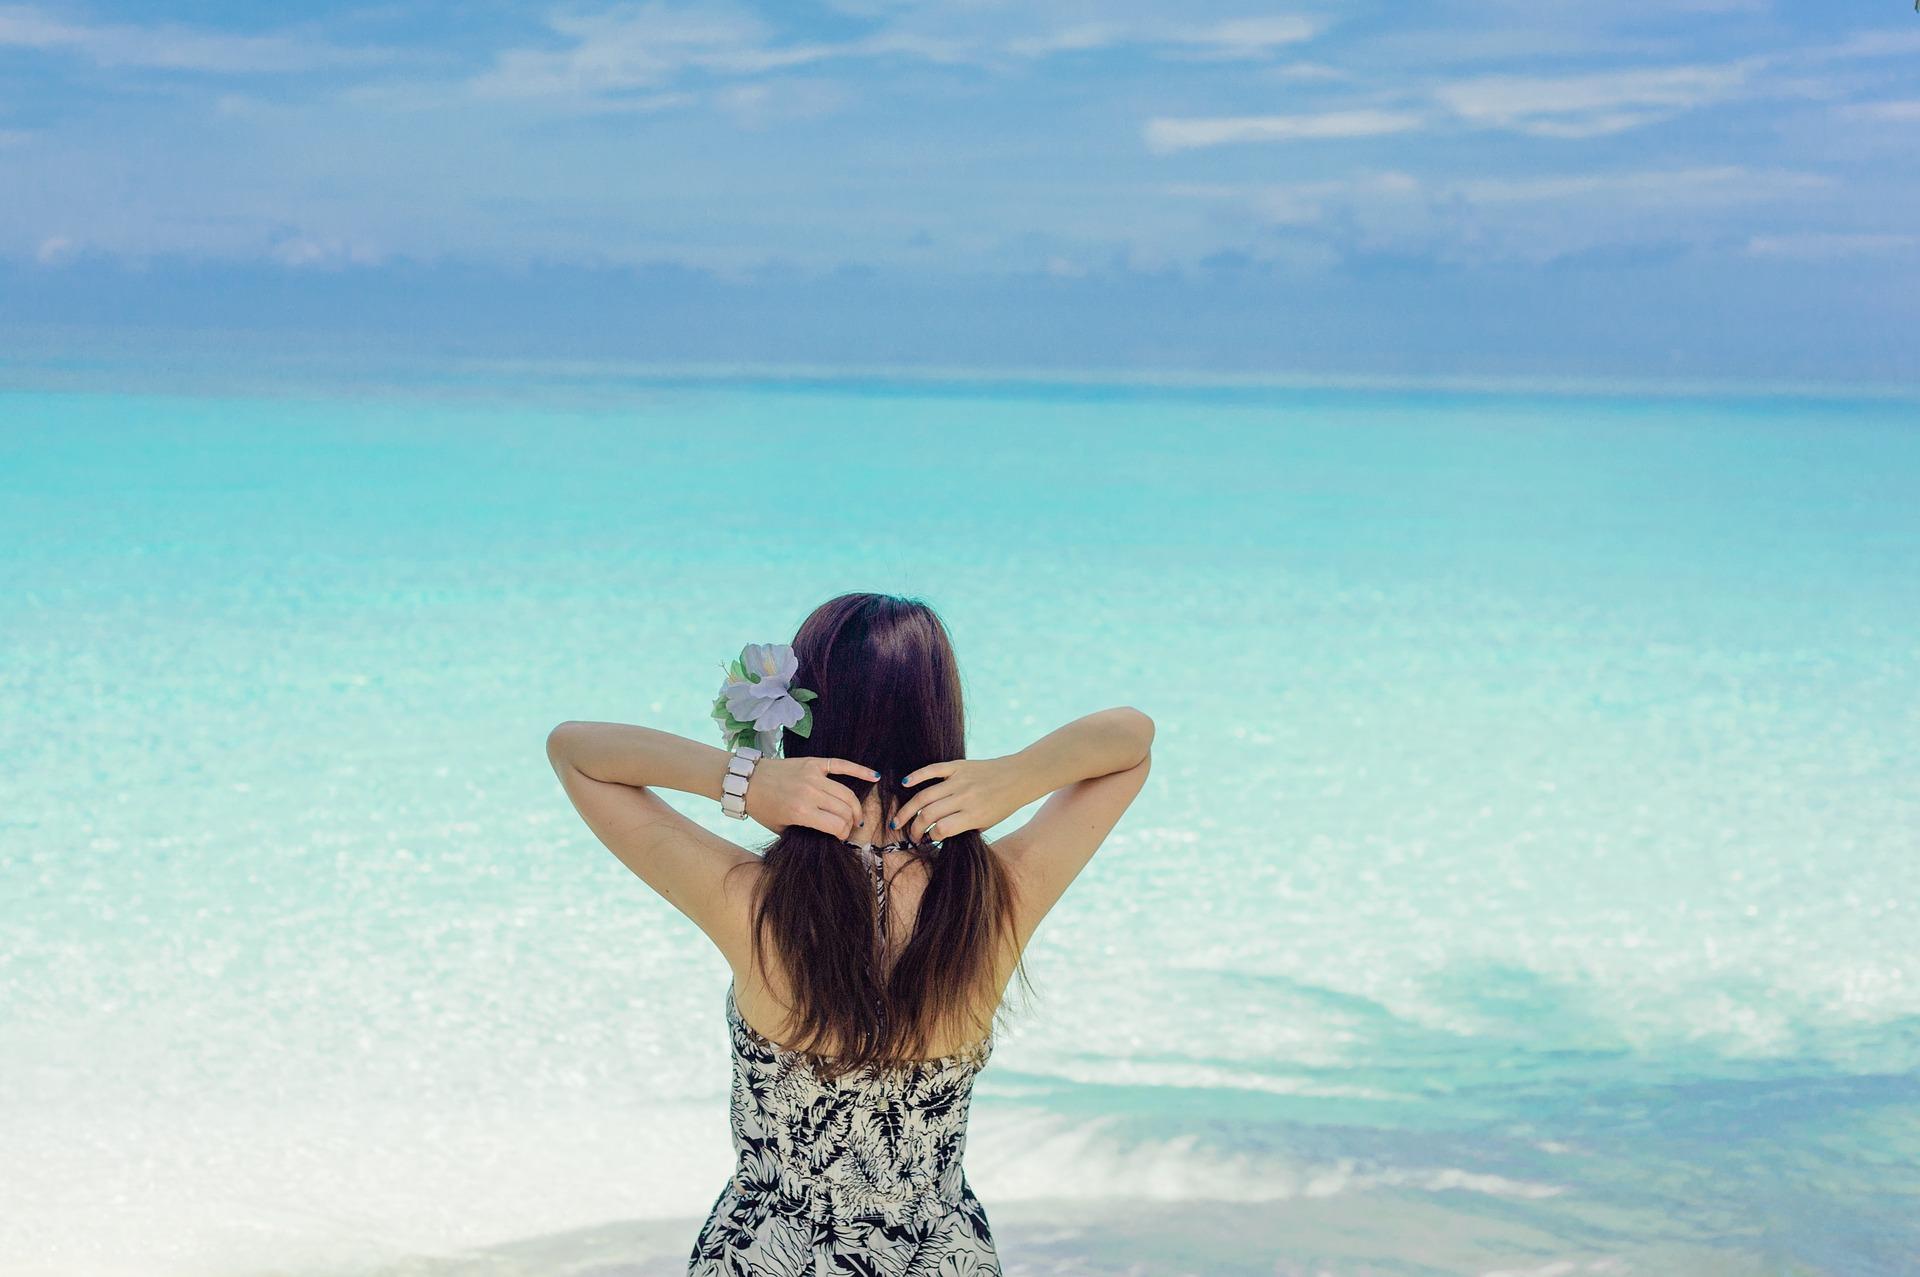 Liburan ke Pantai? Ini Tips Mencegah Kulit Terbakar Sinar Matahari